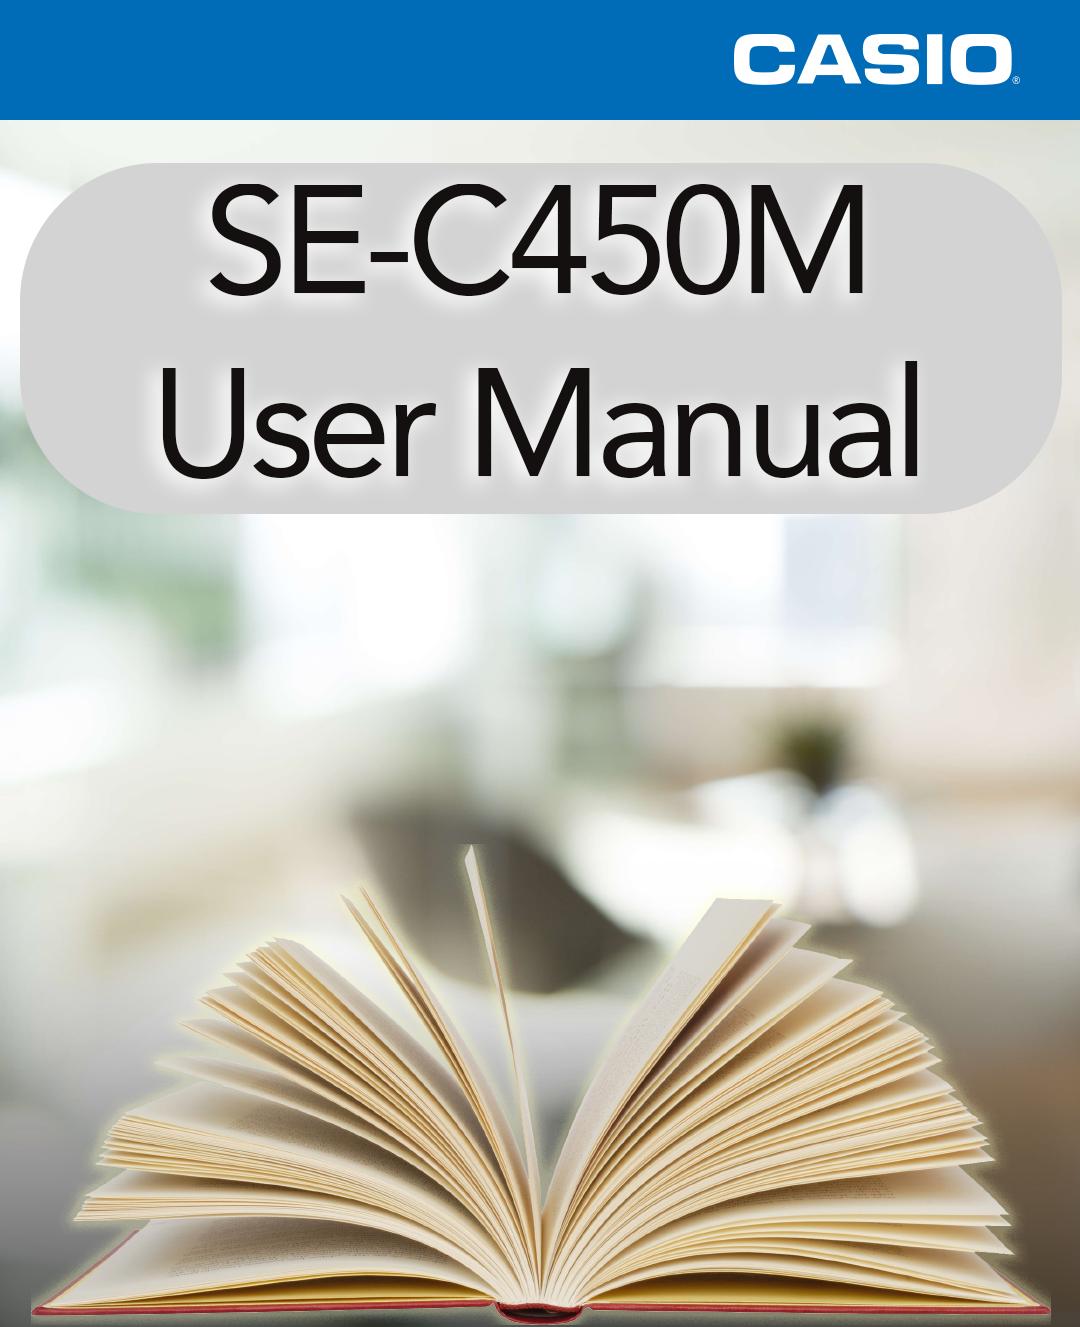 Casio SE-C450M User Manual